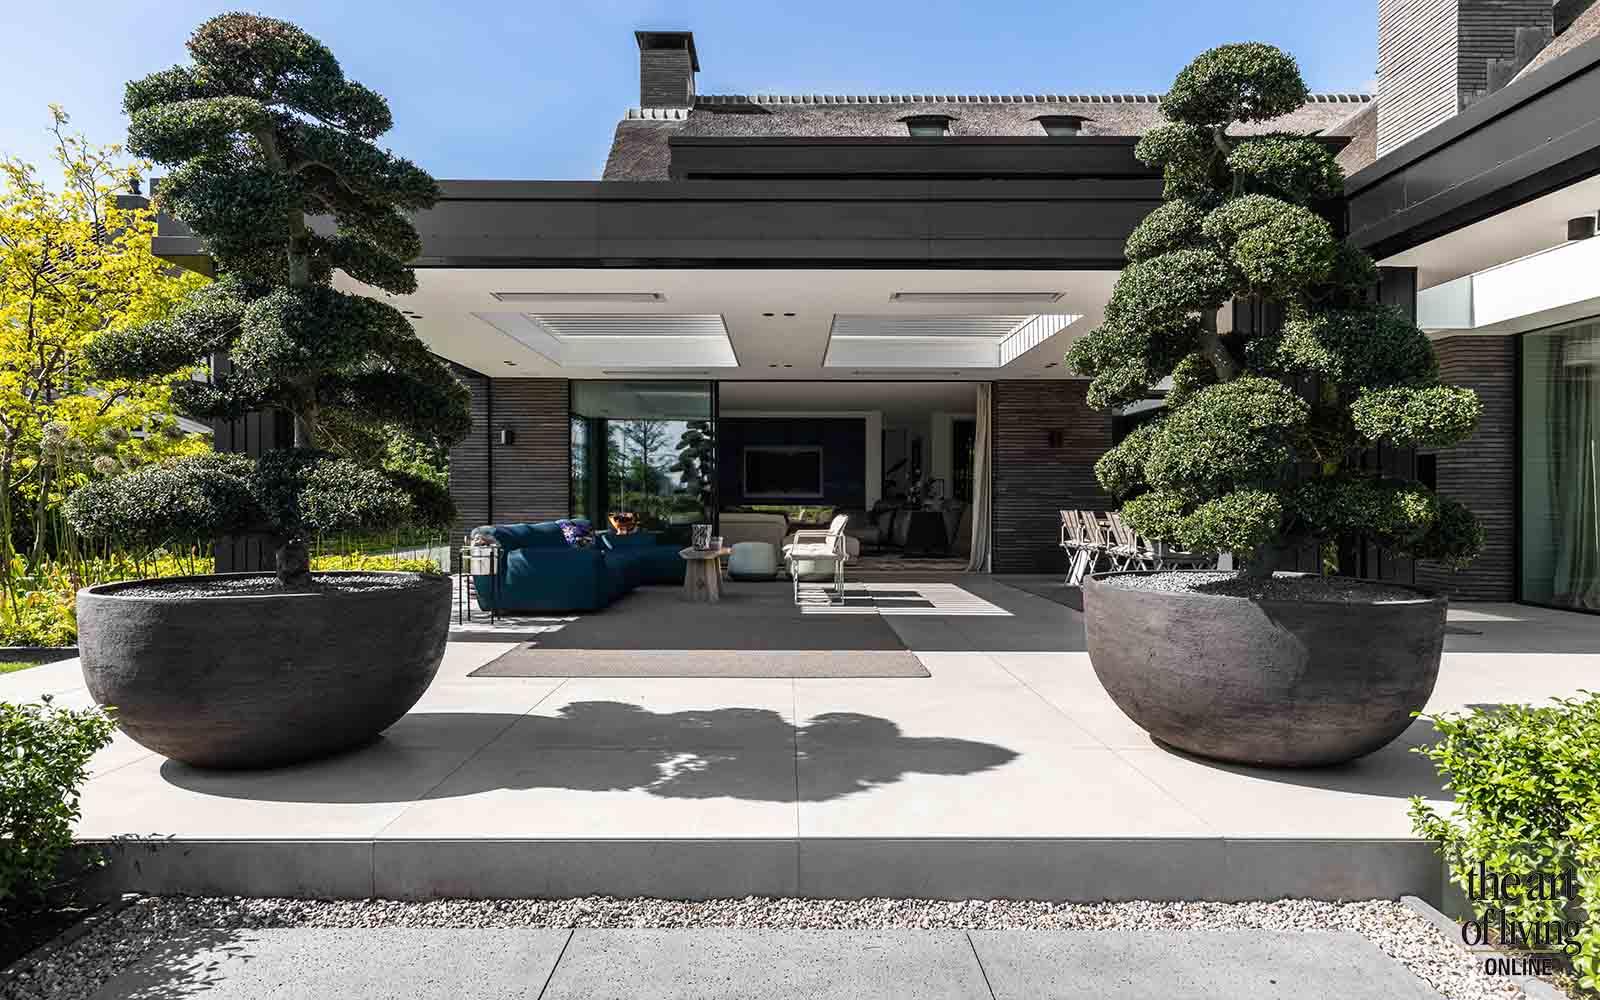 villa met rieten dak | NOWA, the art of living